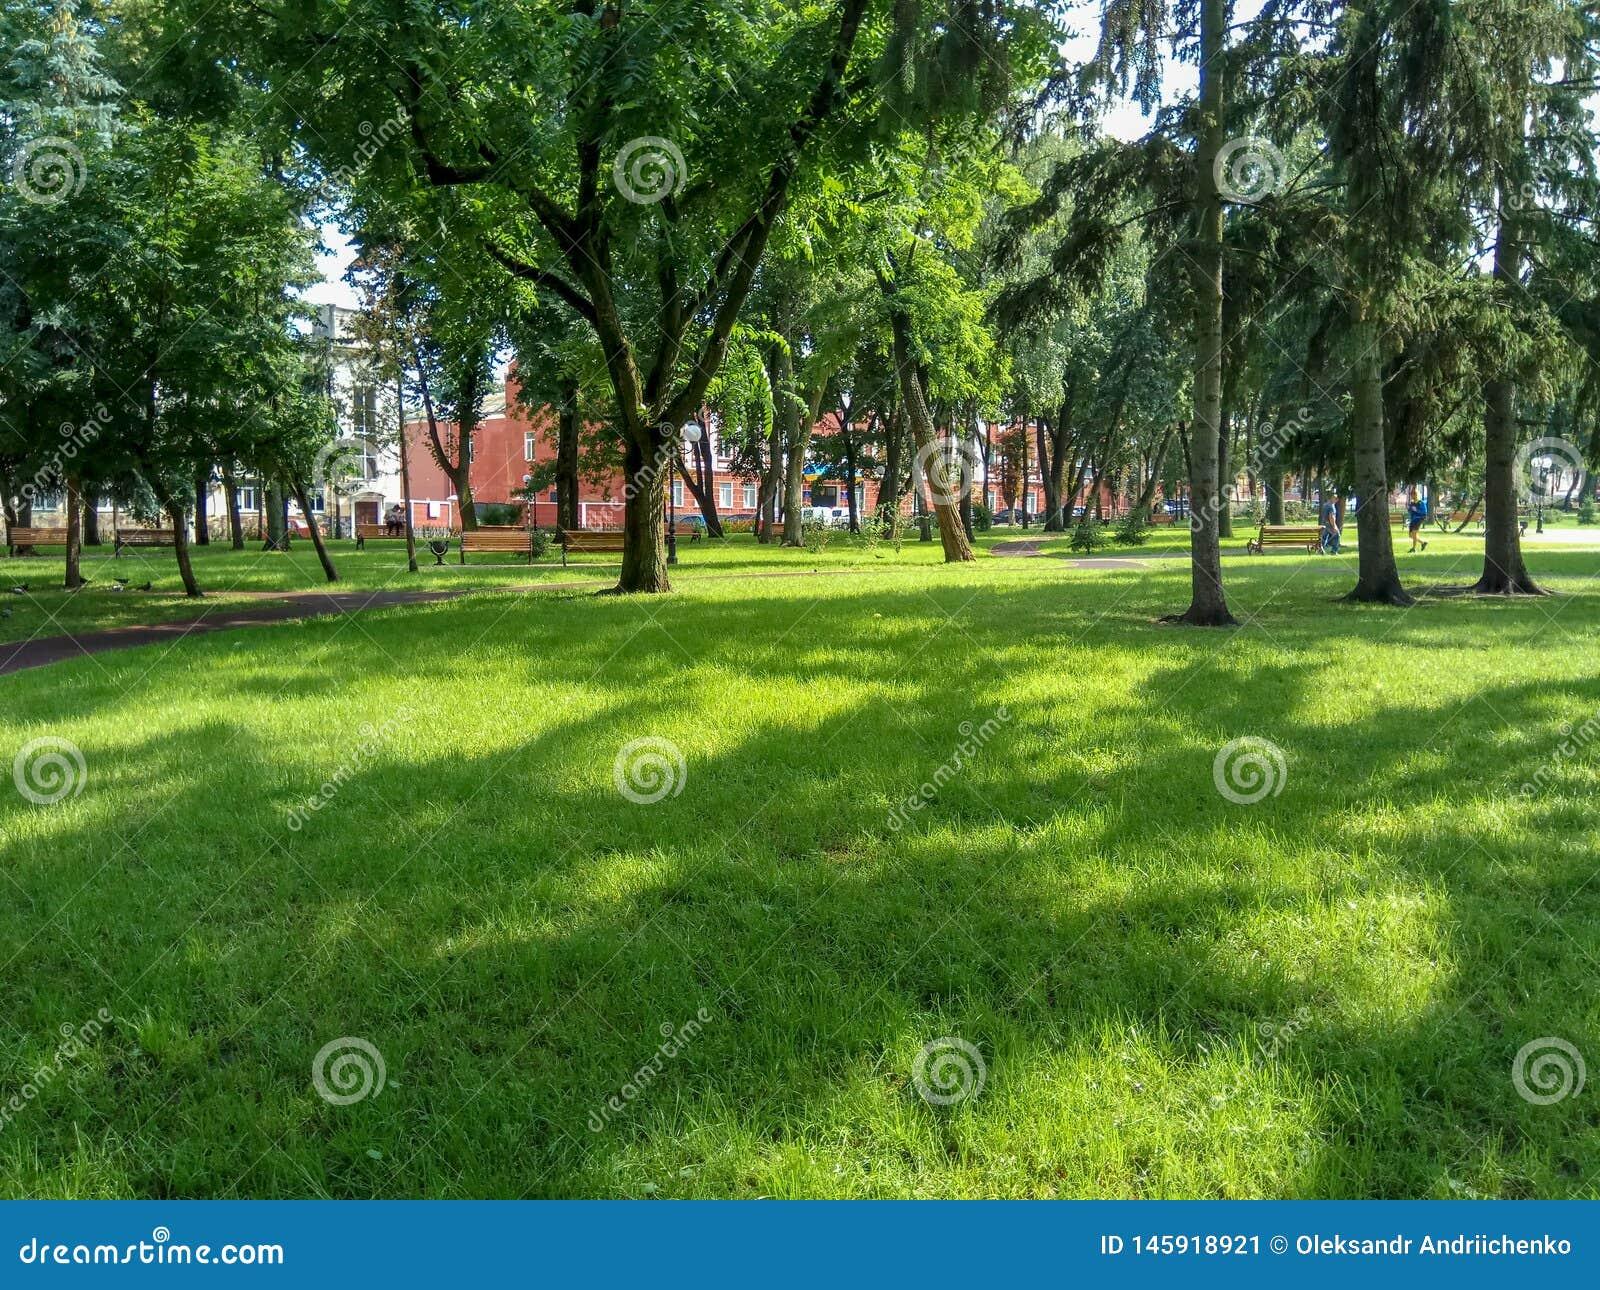 Een mooi groen park met groene gras en bomen